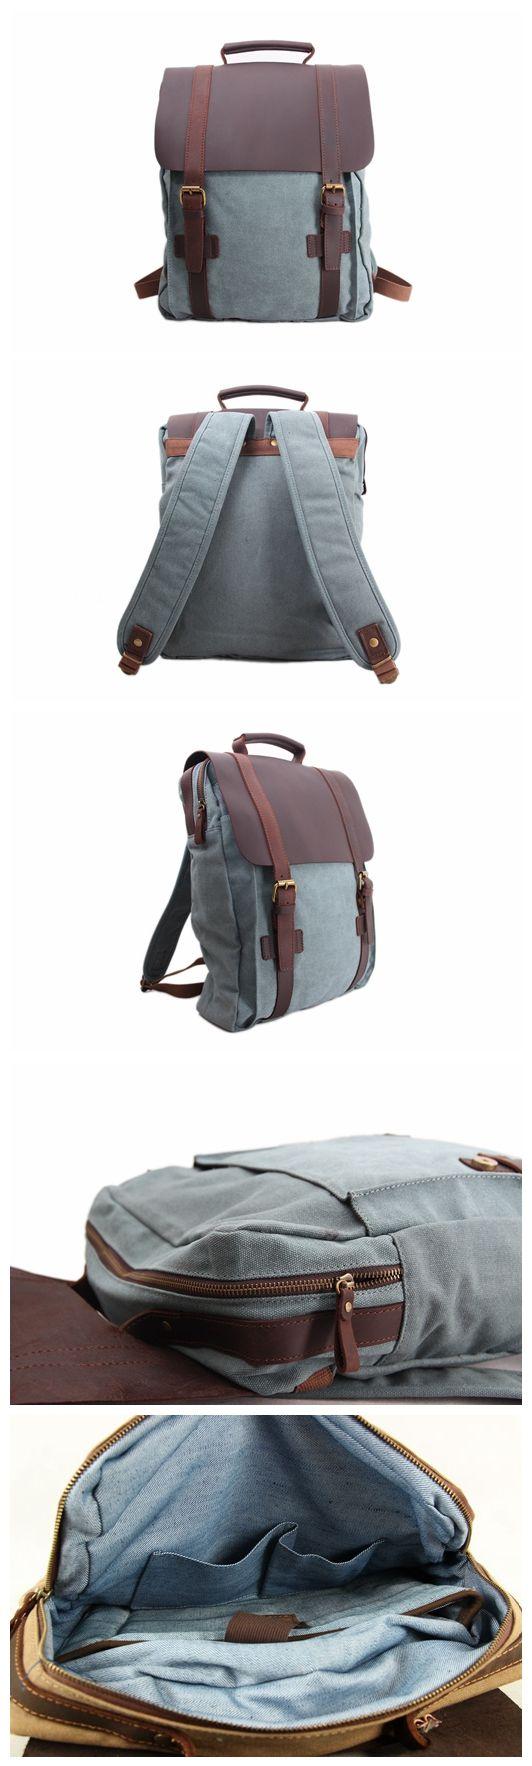 Leather-Canvas Backpack / Laptop Bag / School Bag / Travel Bag / Backpack 1820